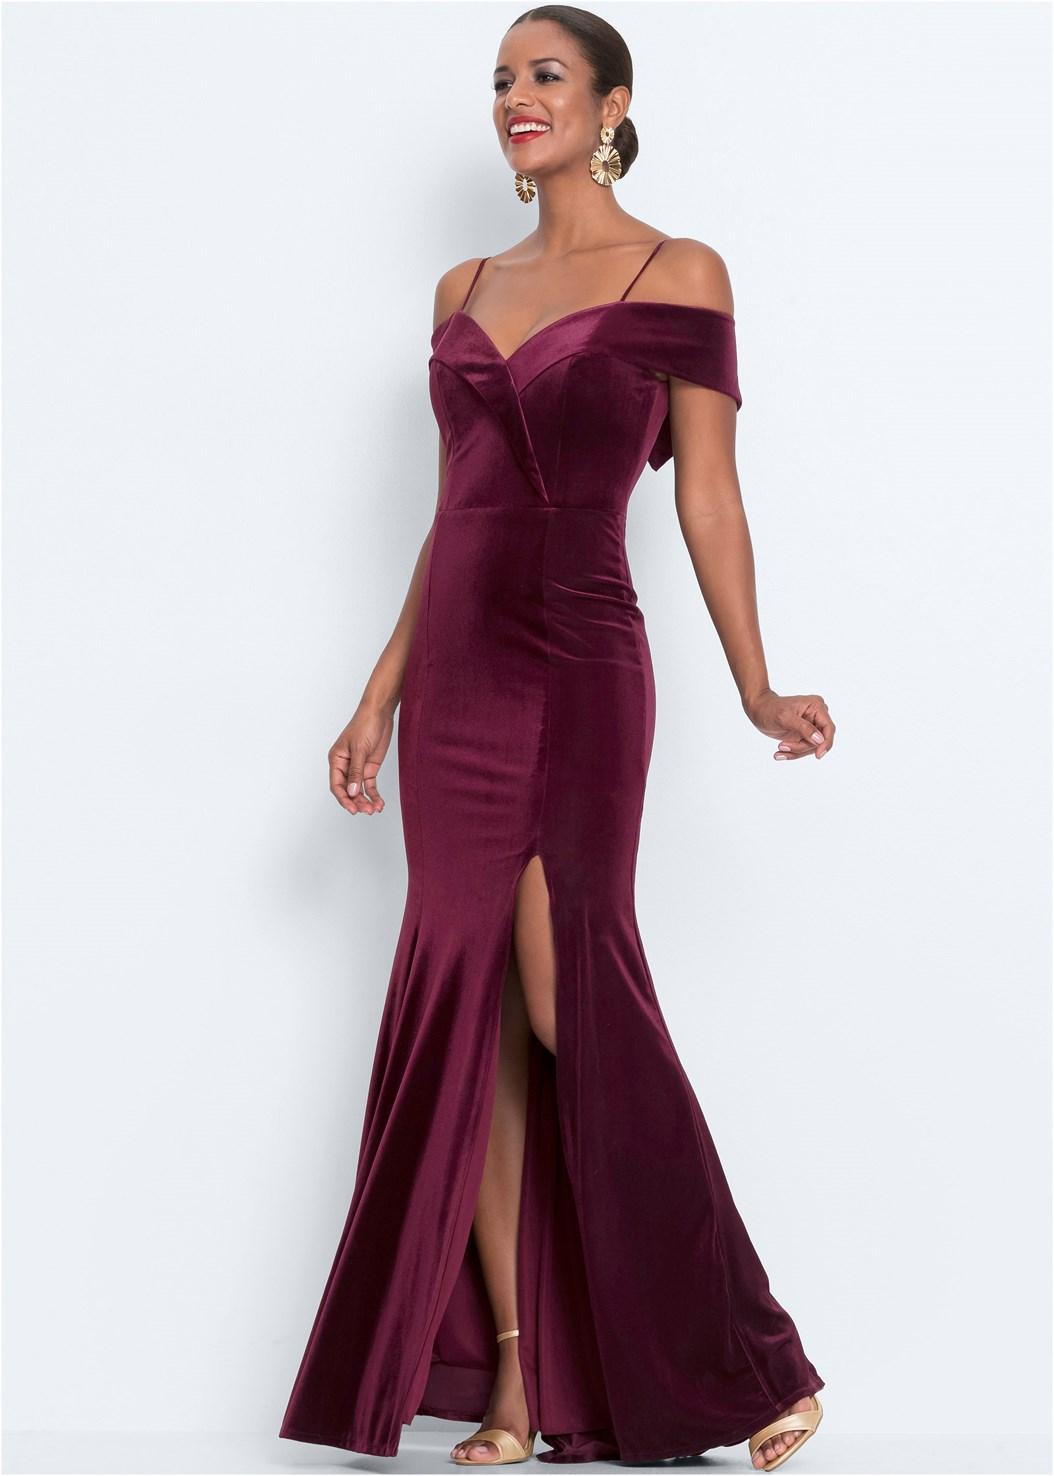 Velvet Long Dress,Strapless Bra With Geo Lace,Ankle Strap Heels,Medallion Tassel Earring